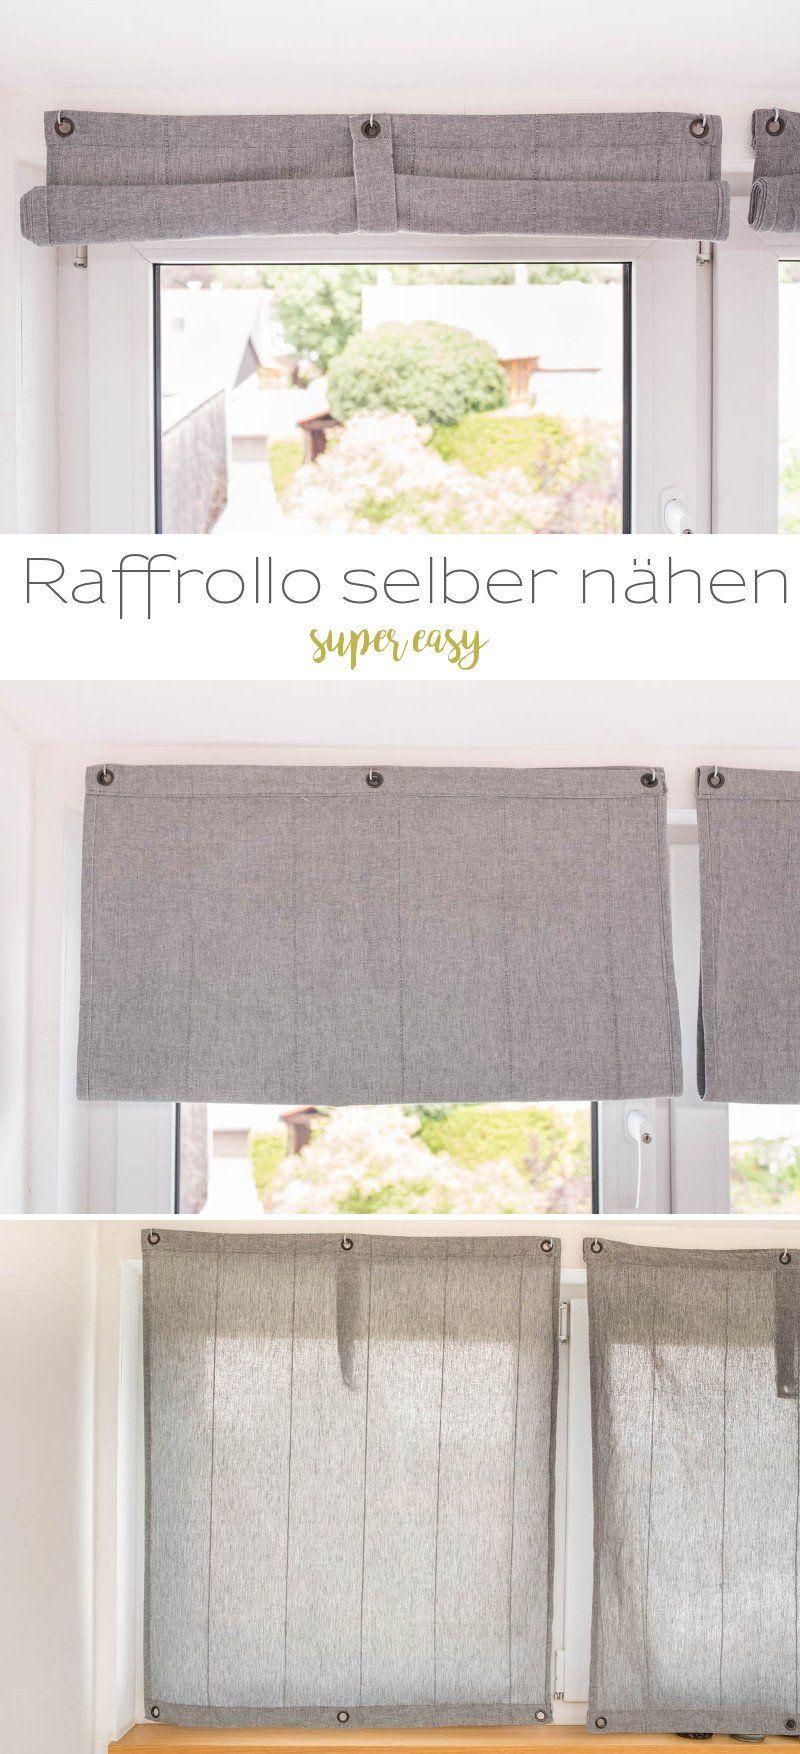 Full Size of Raffrollo Küchenfenster Diy Einfache Raffrollos Selber Nhen Küche Wohnzimmer Raffrollo Küchenfenster